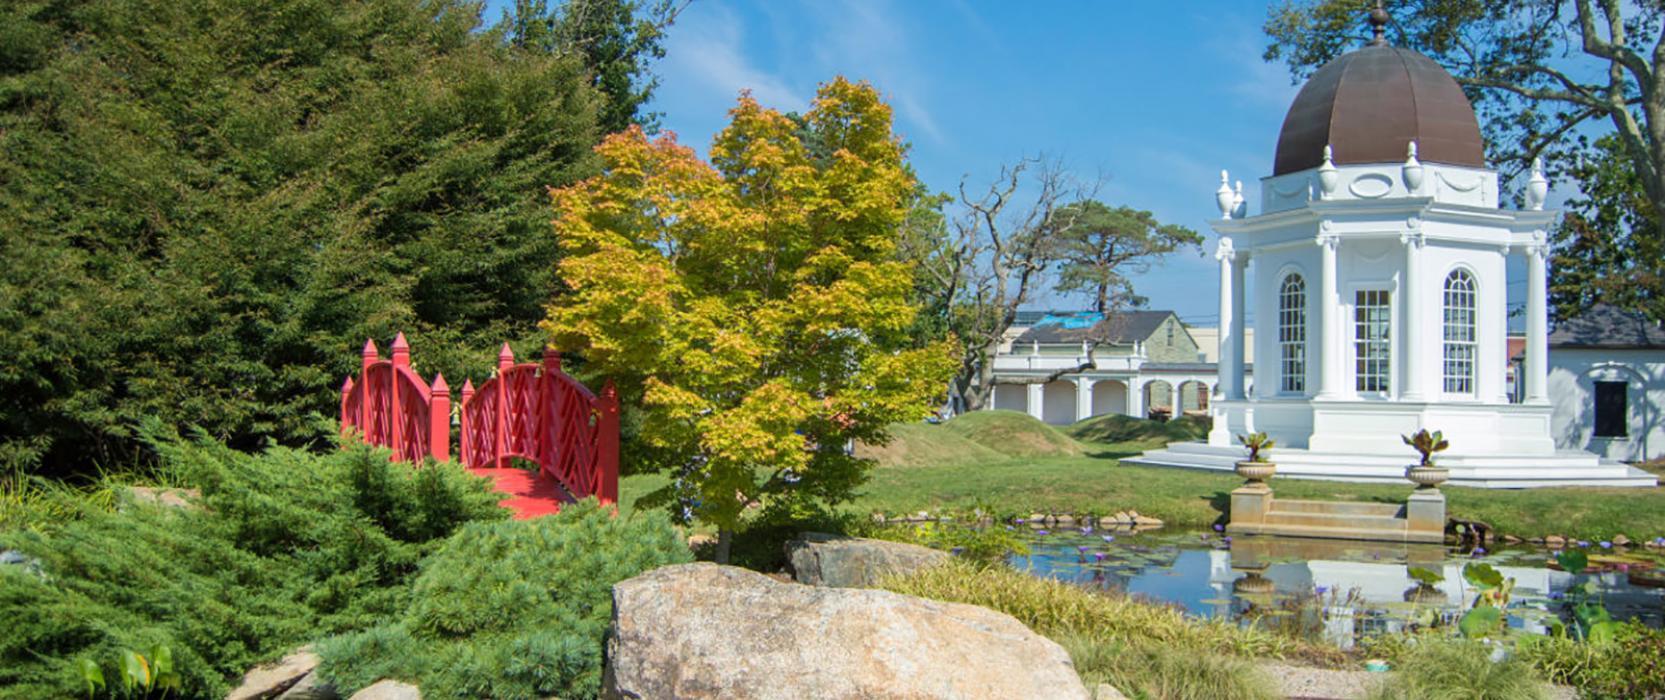 Newport Secret Garden Tours, Sept. 7-9